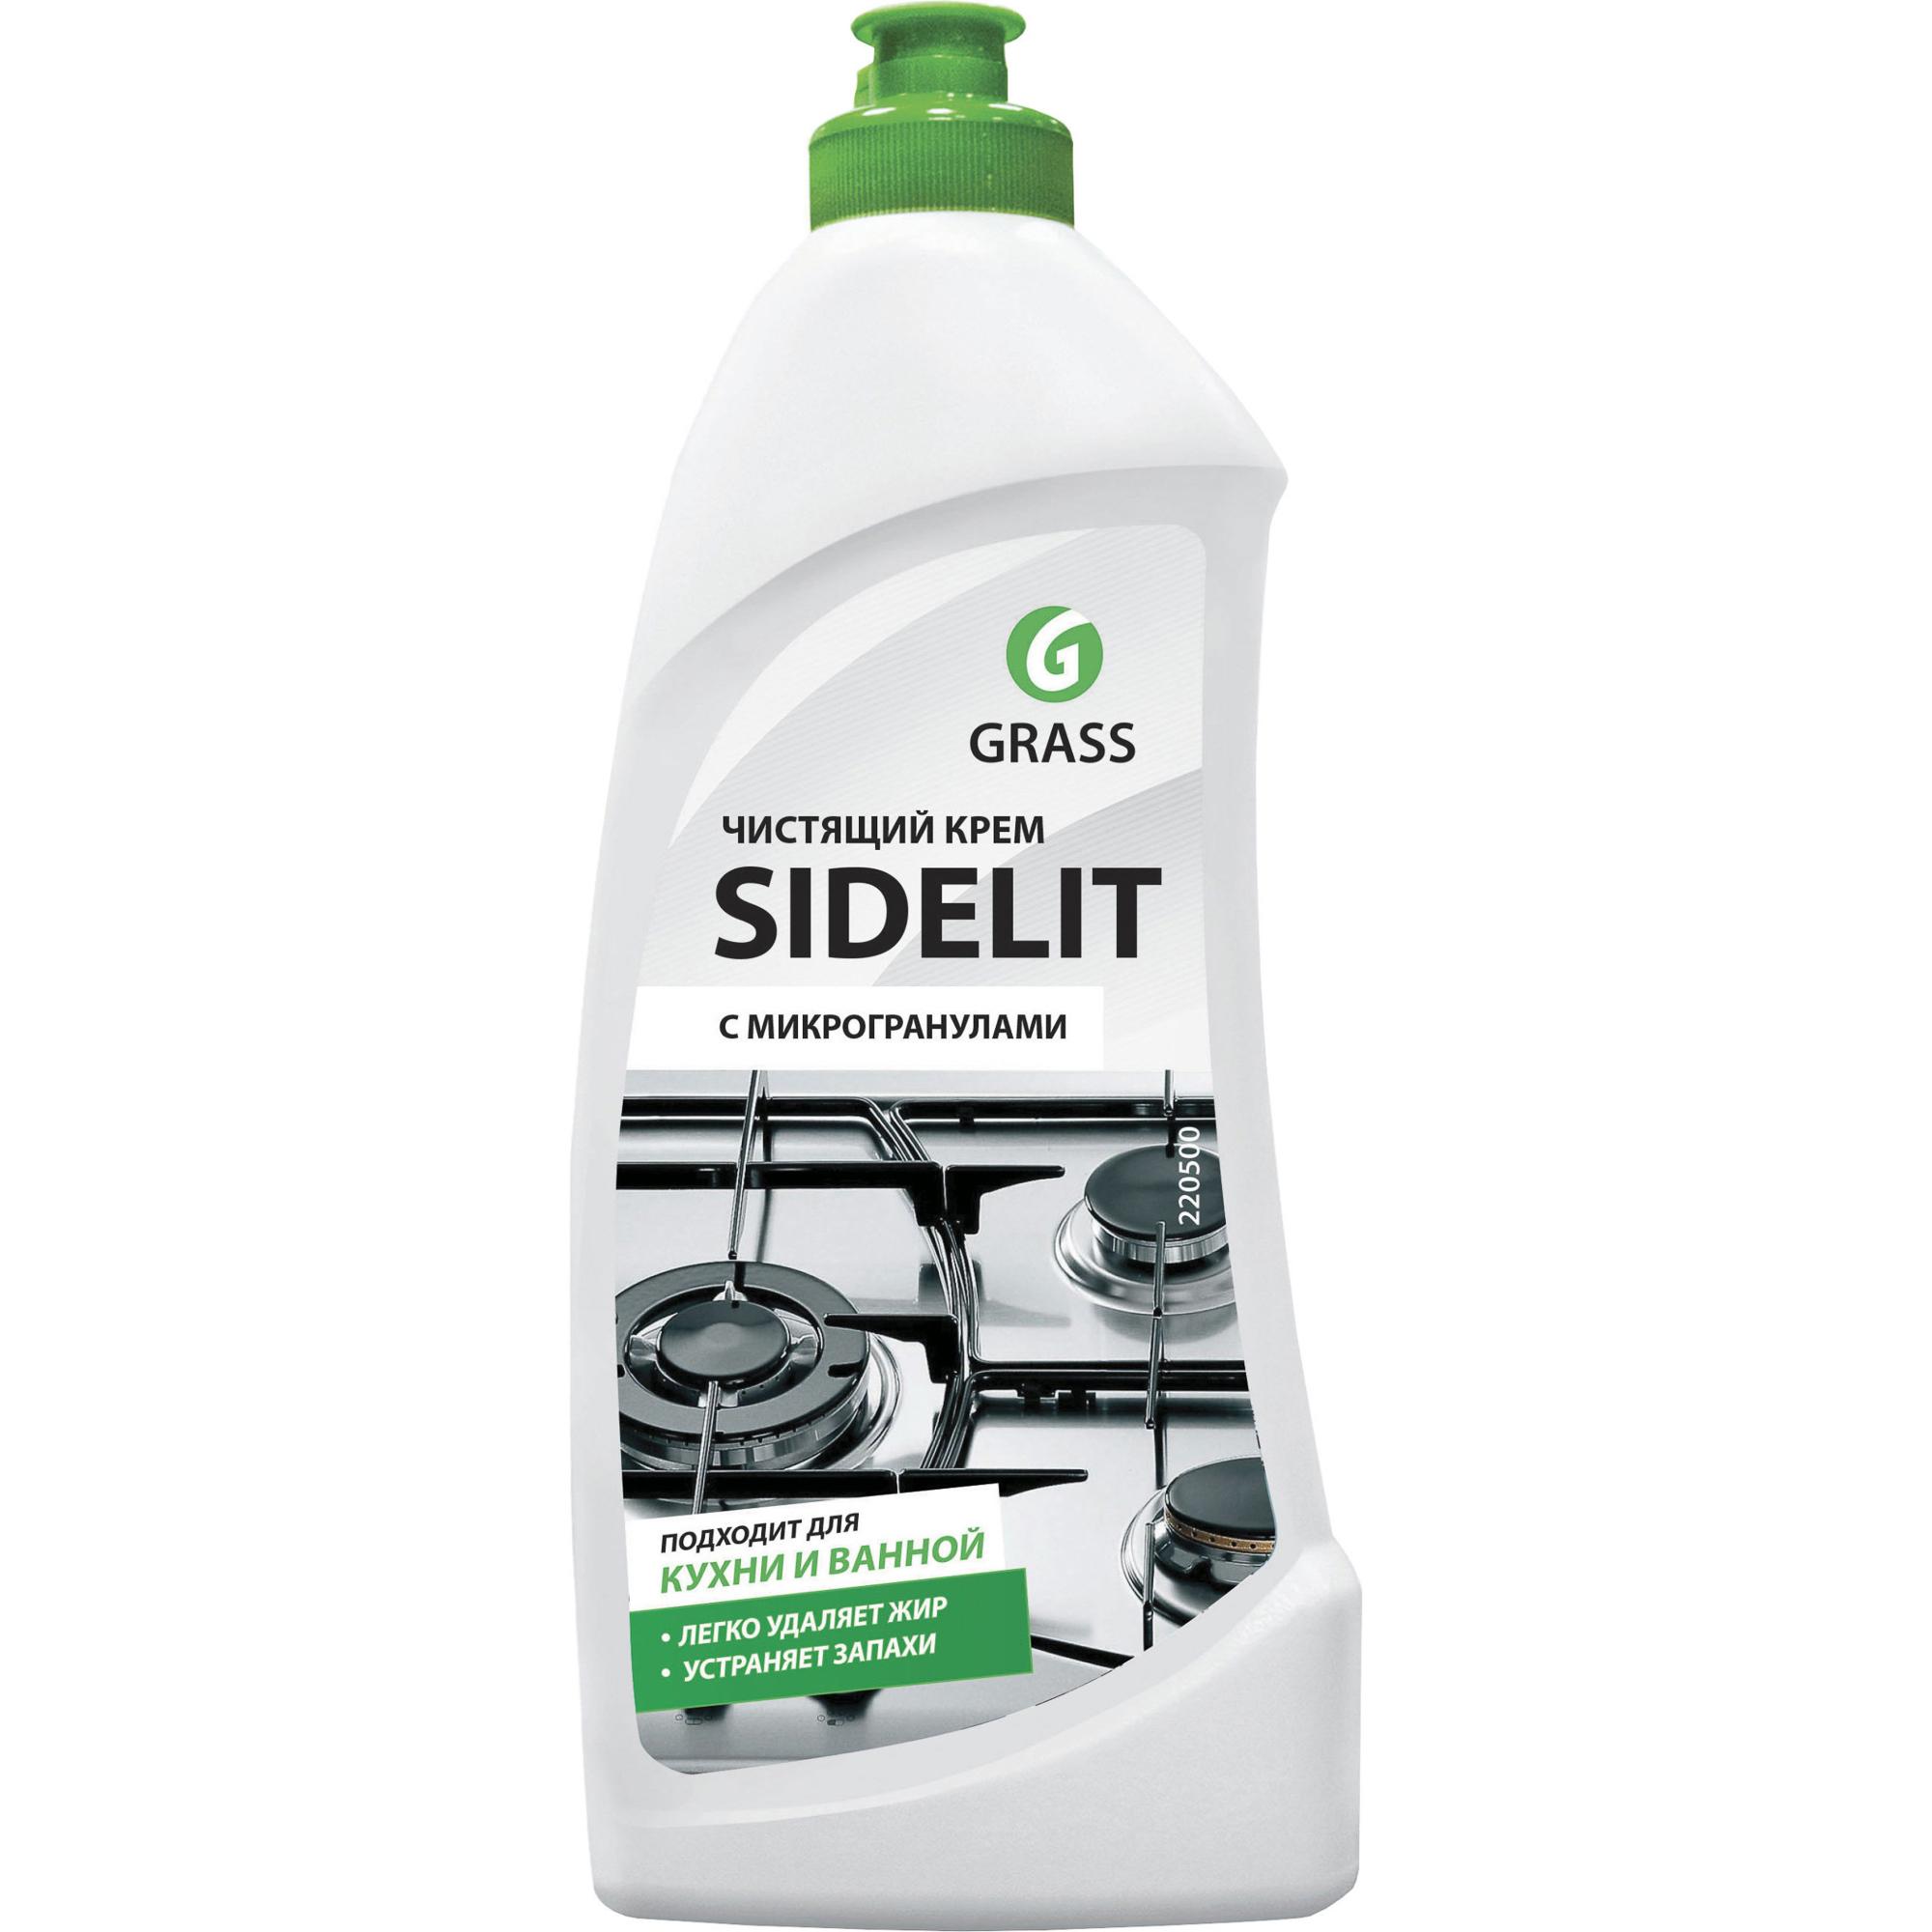 Чистящий крем Grass Sidelit для кухни и ванной комнаты 500 мл